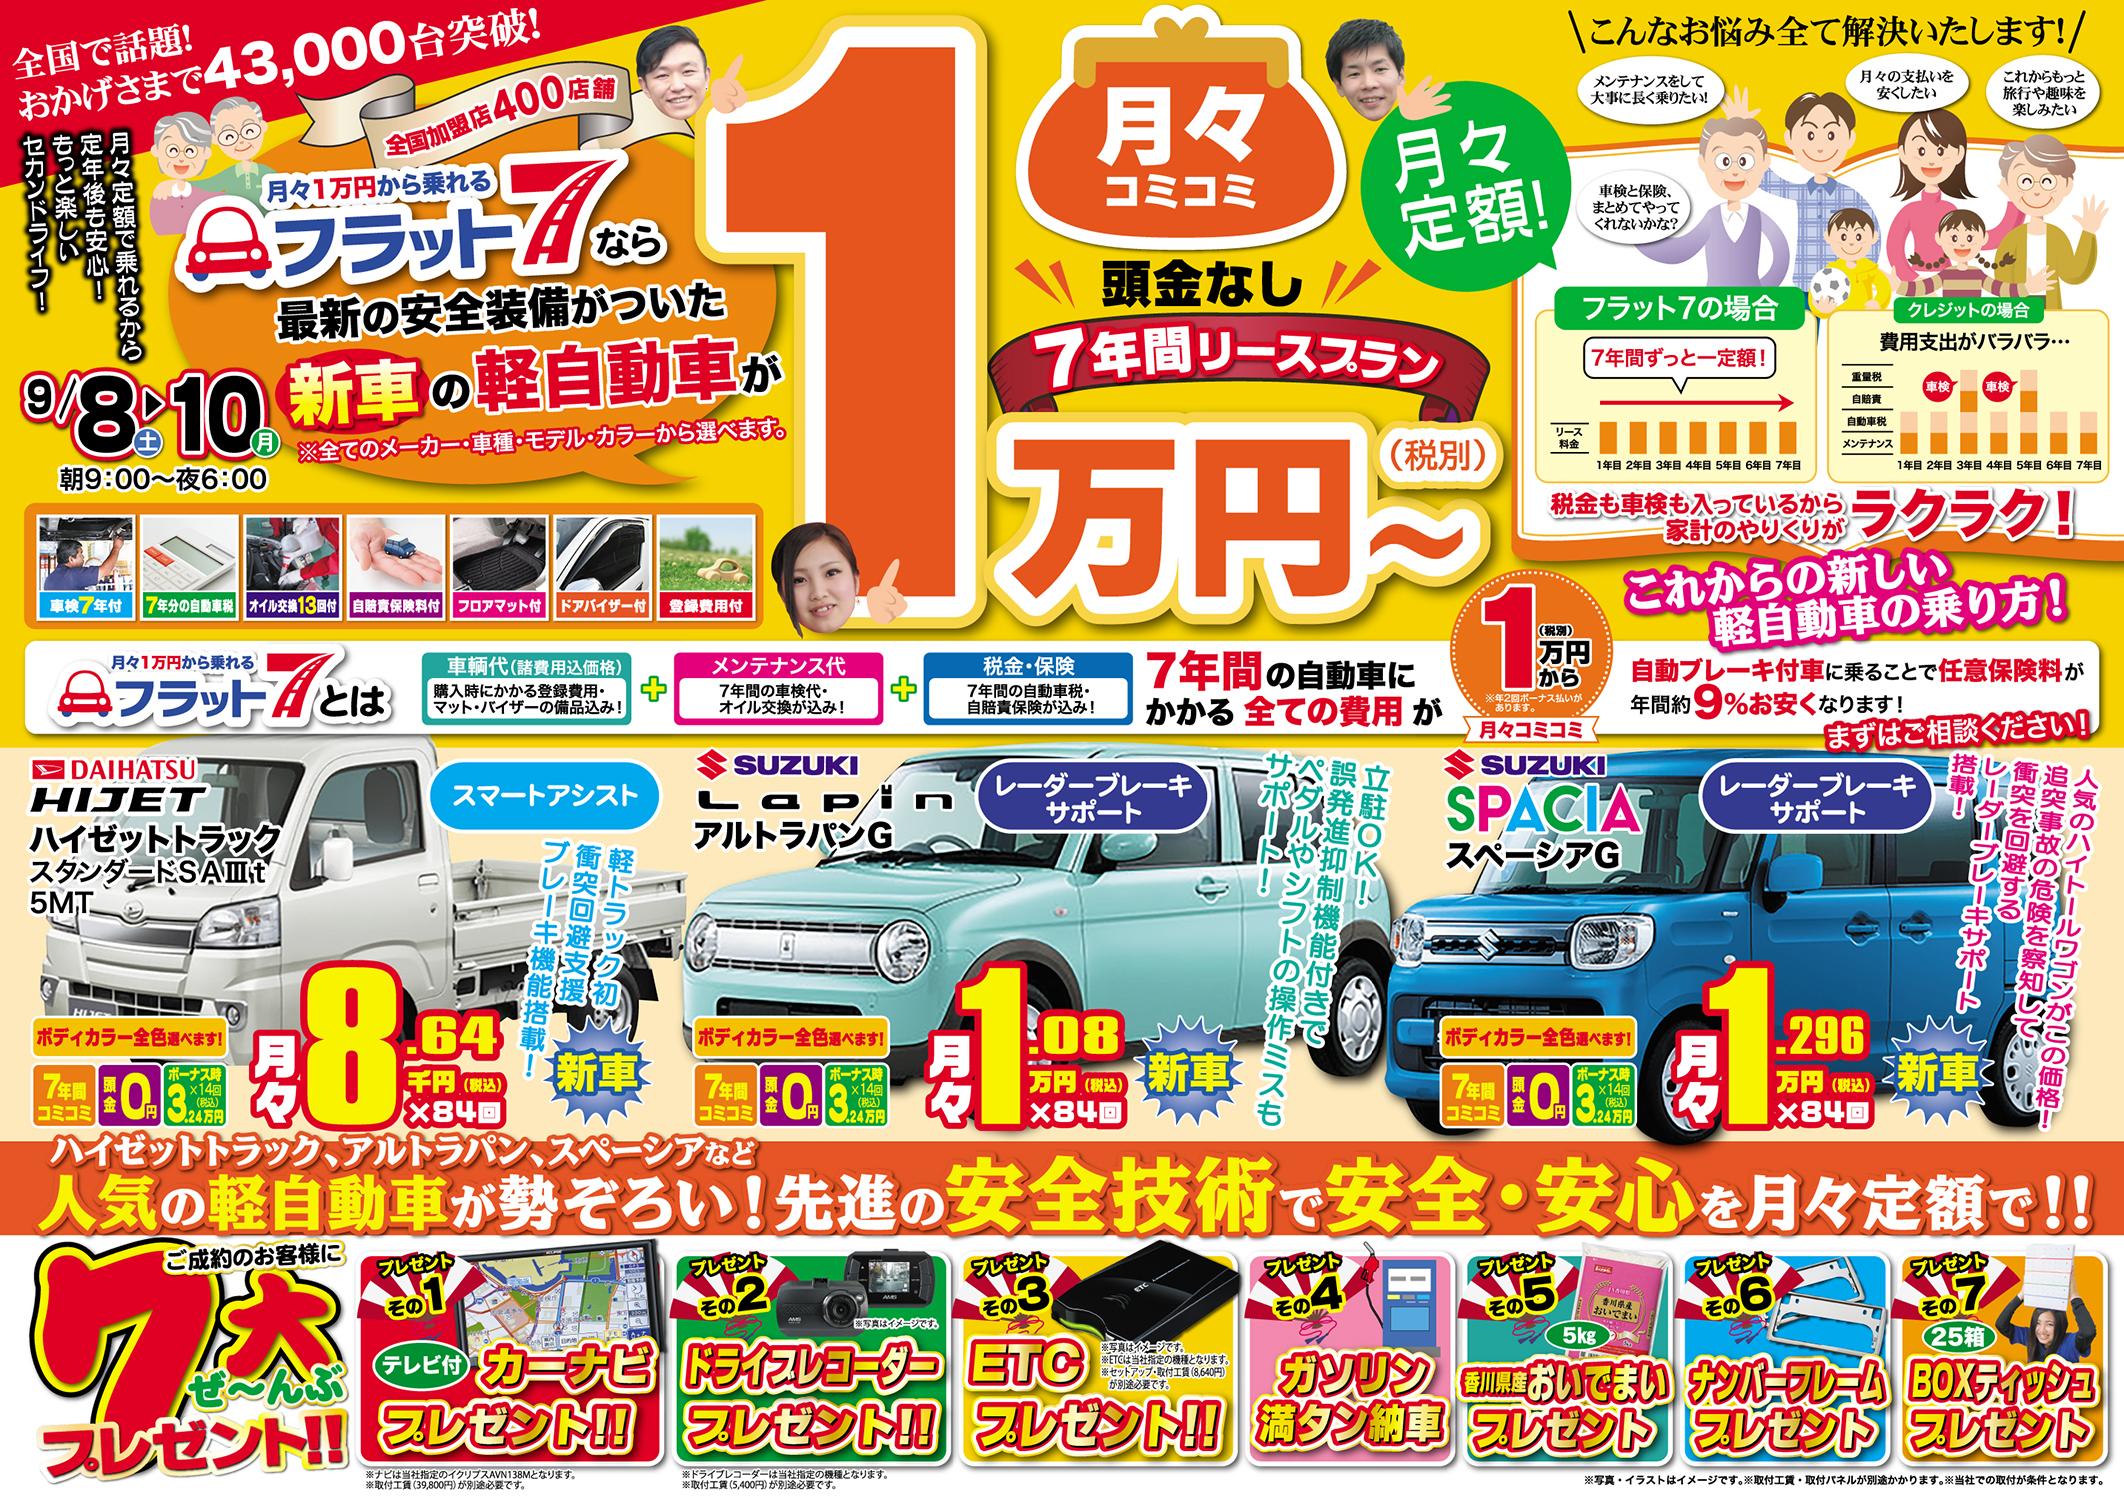 フラット7なら新車の軽自動車が月々1万円から!